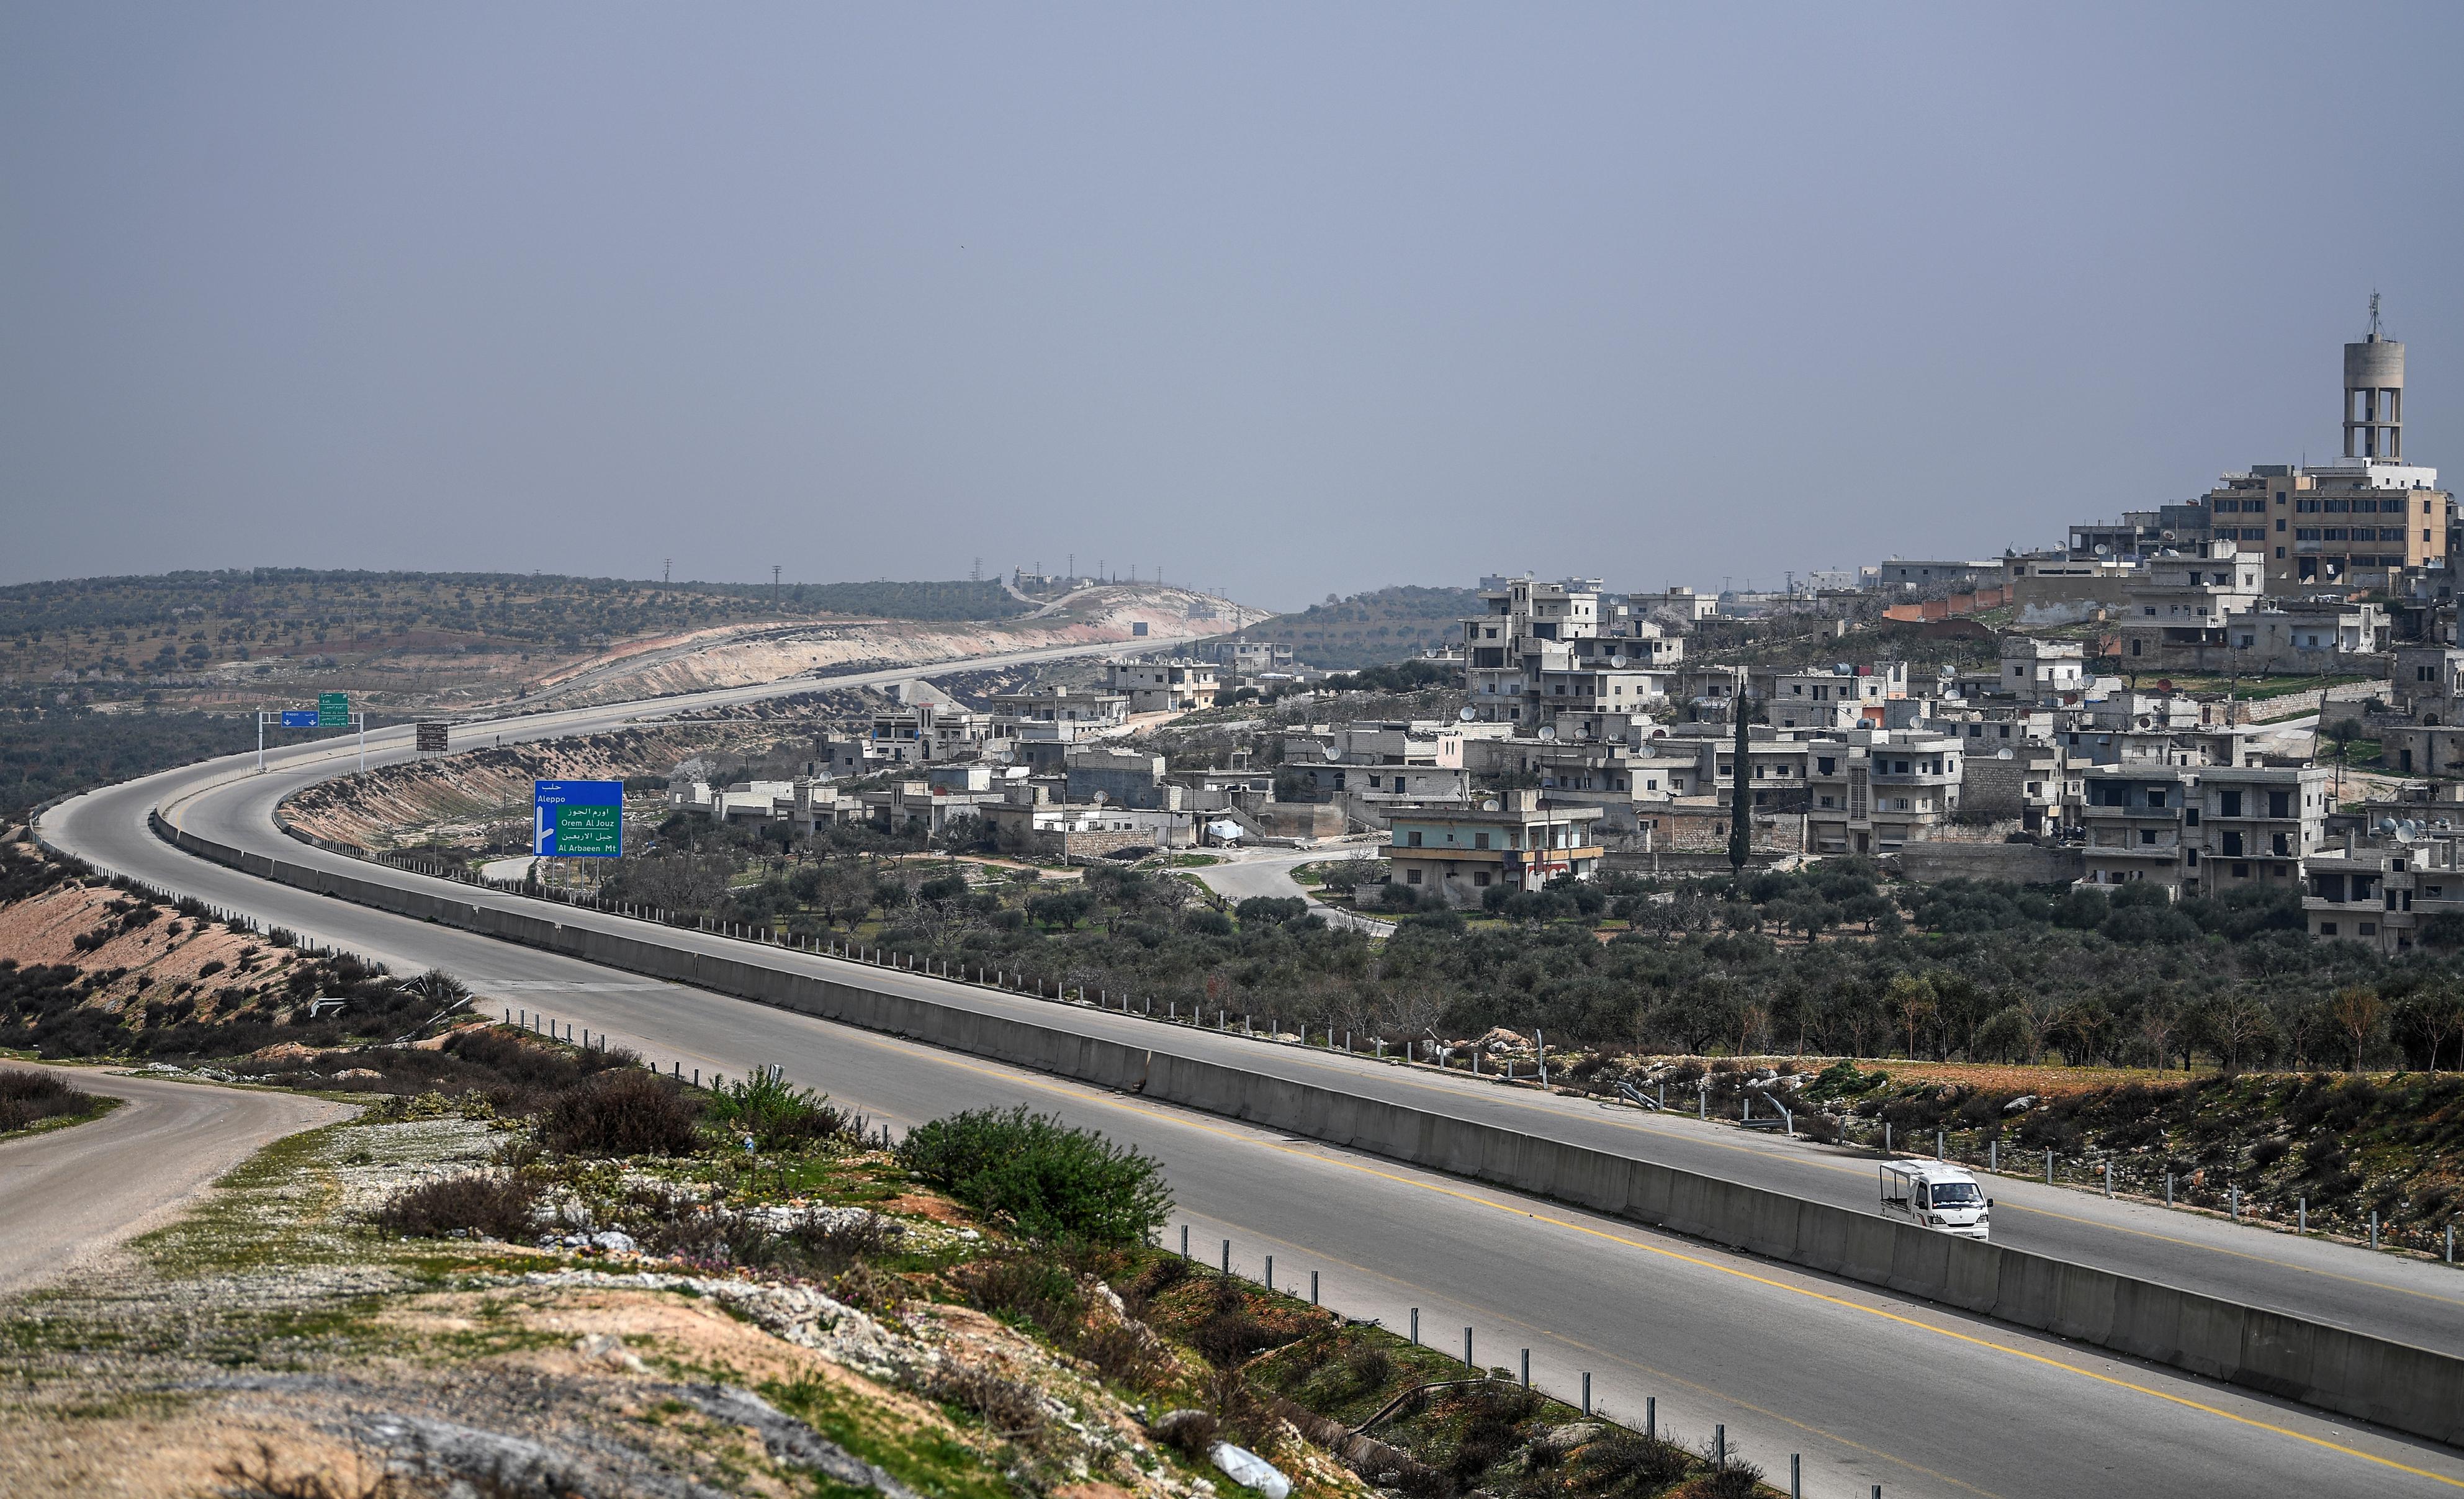 جانب من الطريق السريع M4 الاستراتيجي في جنوب محافظة إدلب (الشمال غرب سوريا)